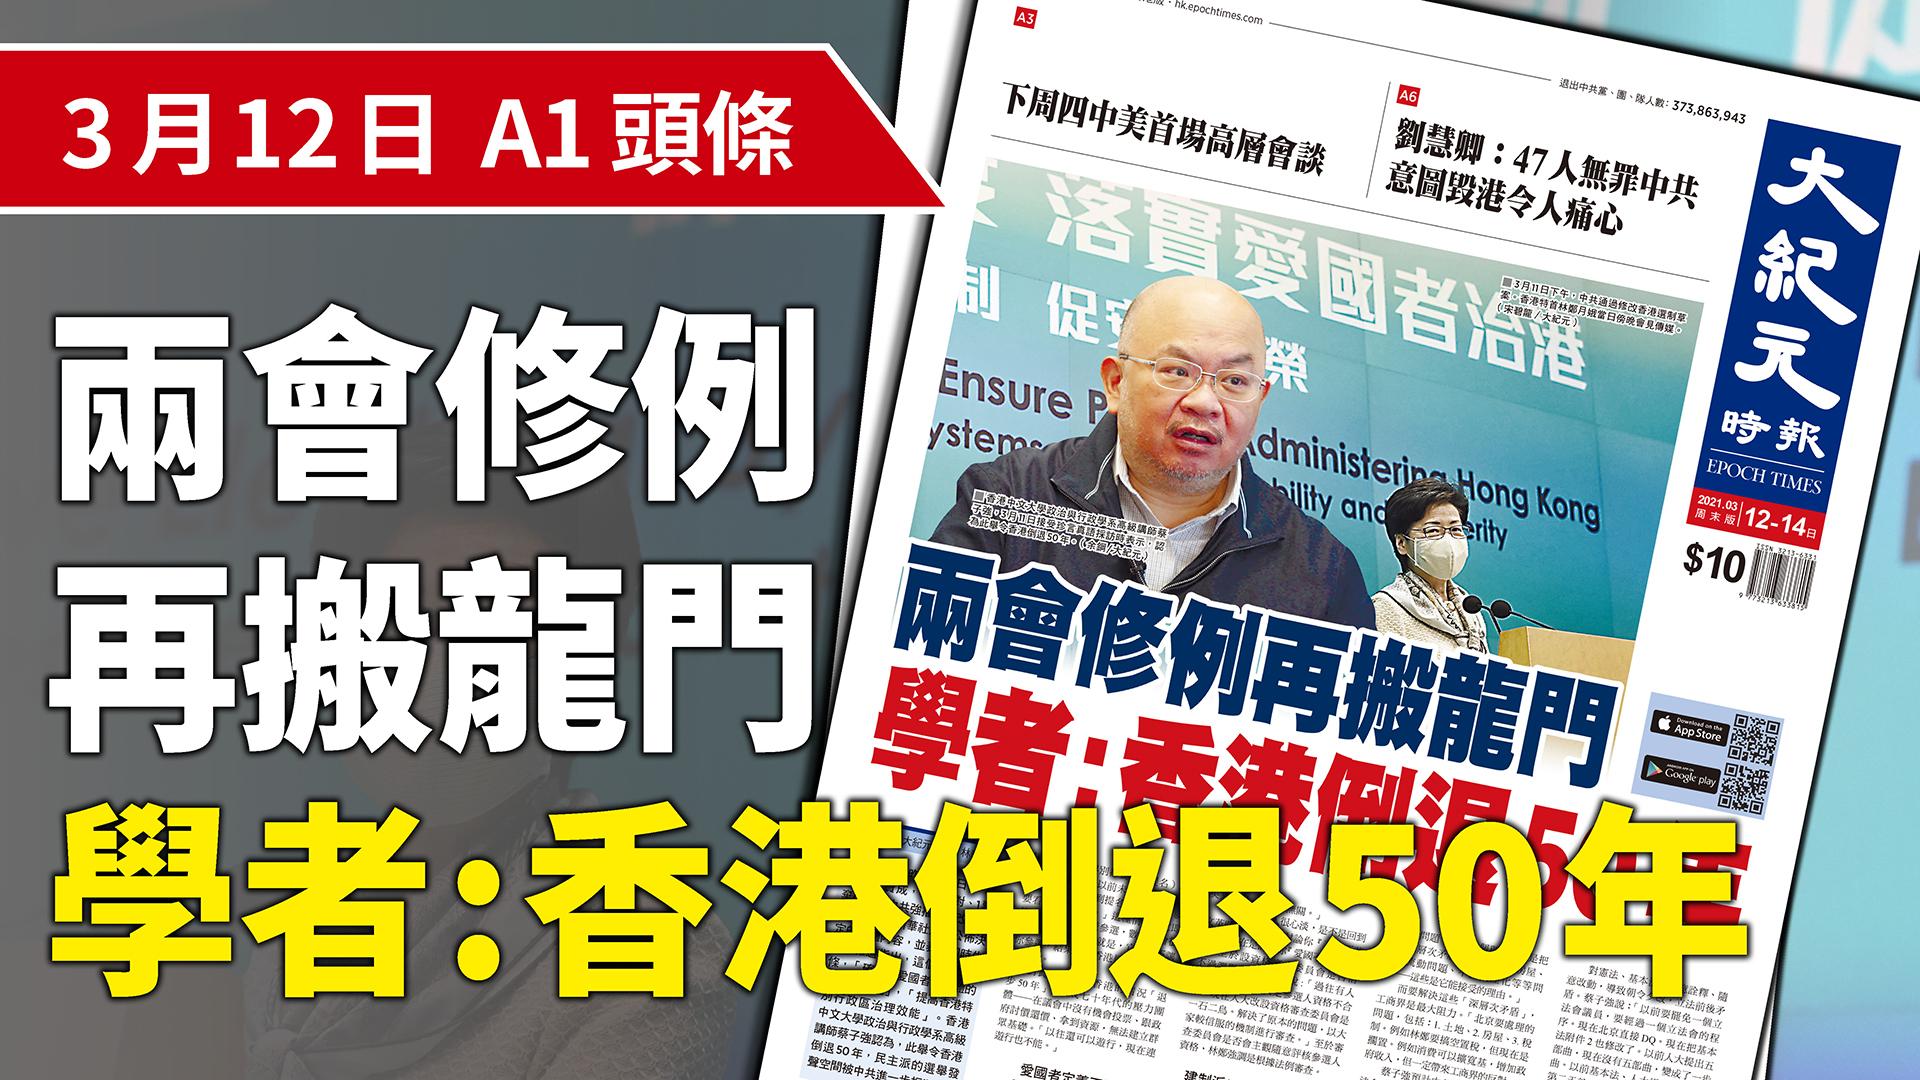 中共兩會11日以2895票贊成,0票反對、1票棄權通過中共強推的修改香港選制草案。對此,香港中文大學政治與行政學系高級講師蔡子強表示,此舉令香港倒退50年。(大紀元製圖)